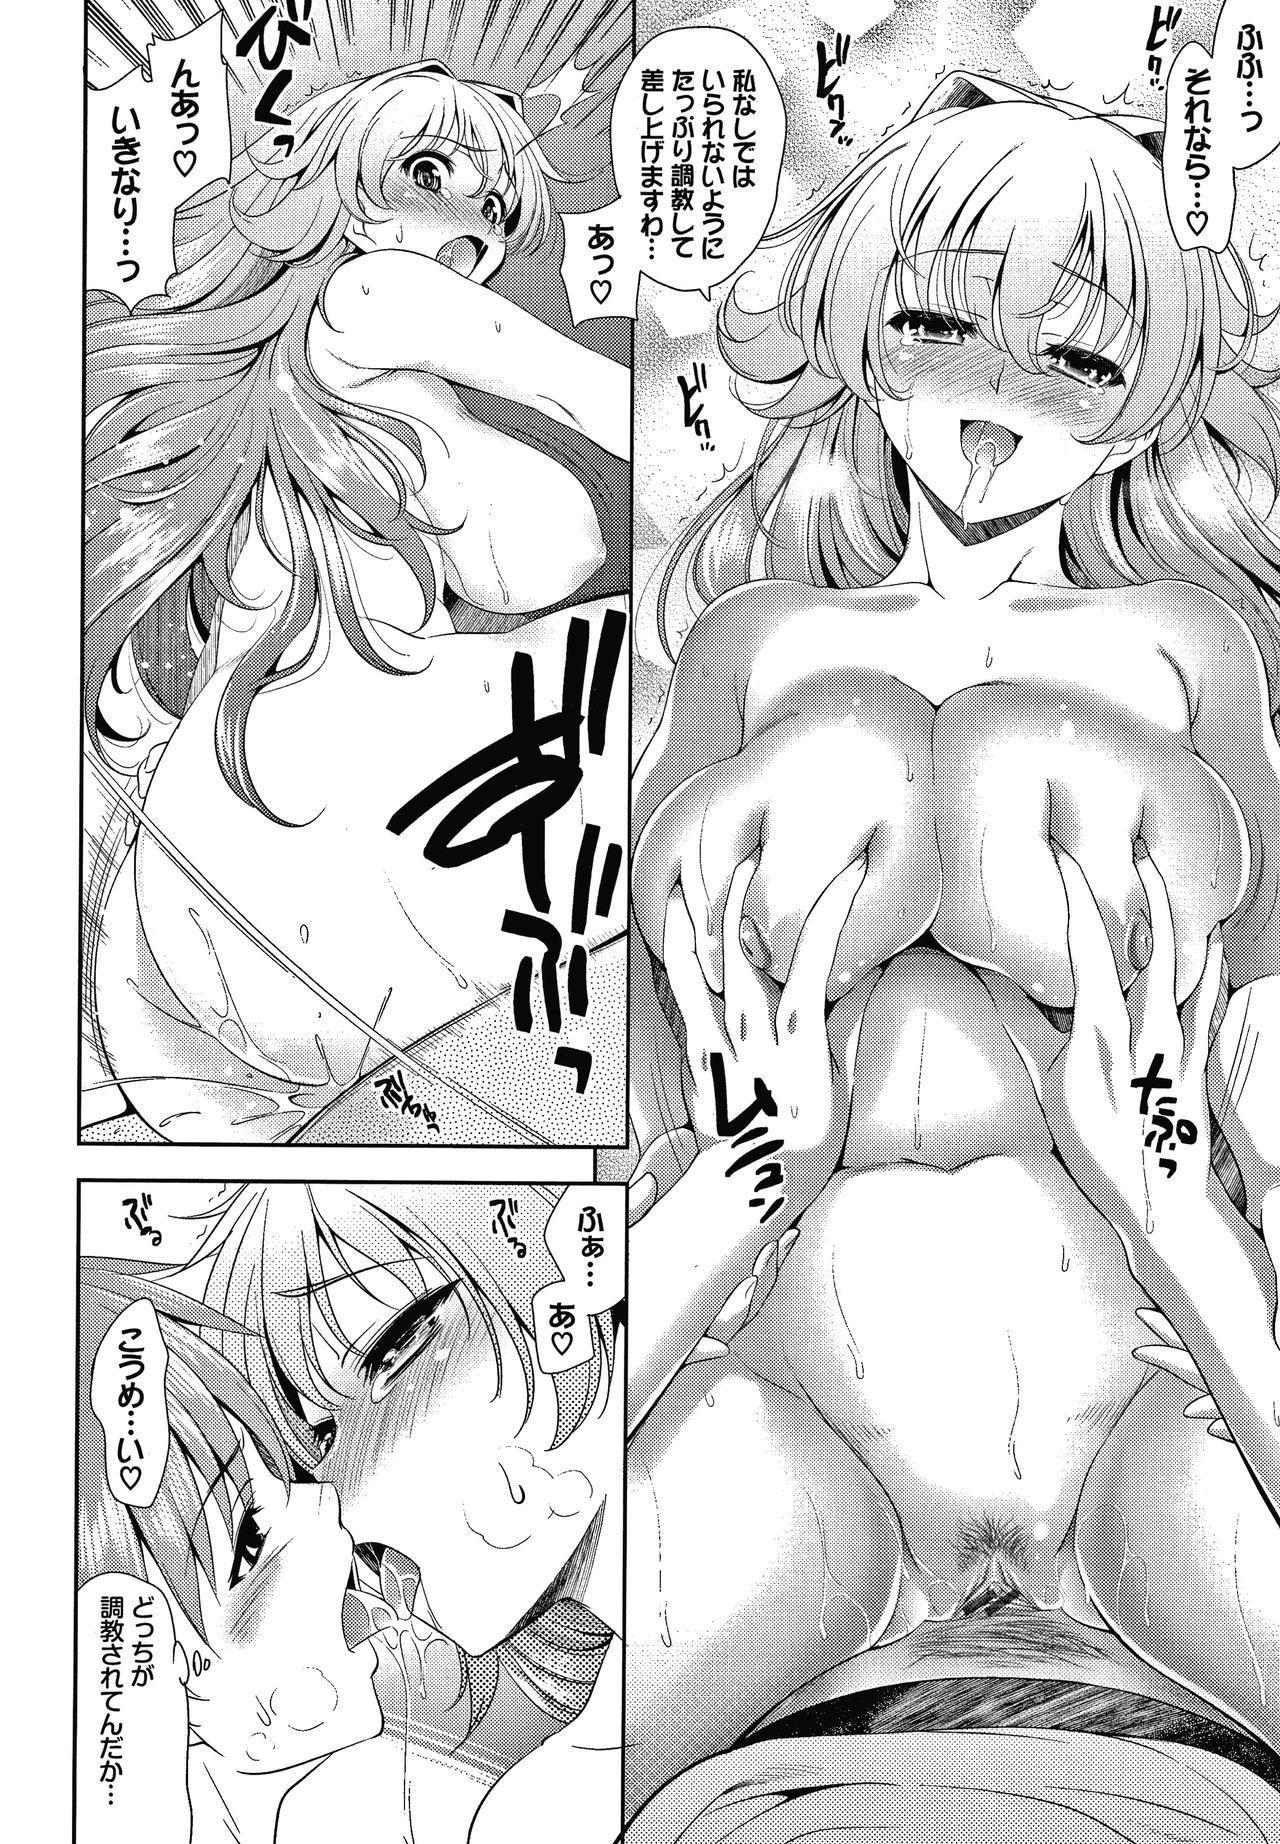 Shocking Pink! Shinsouban 96